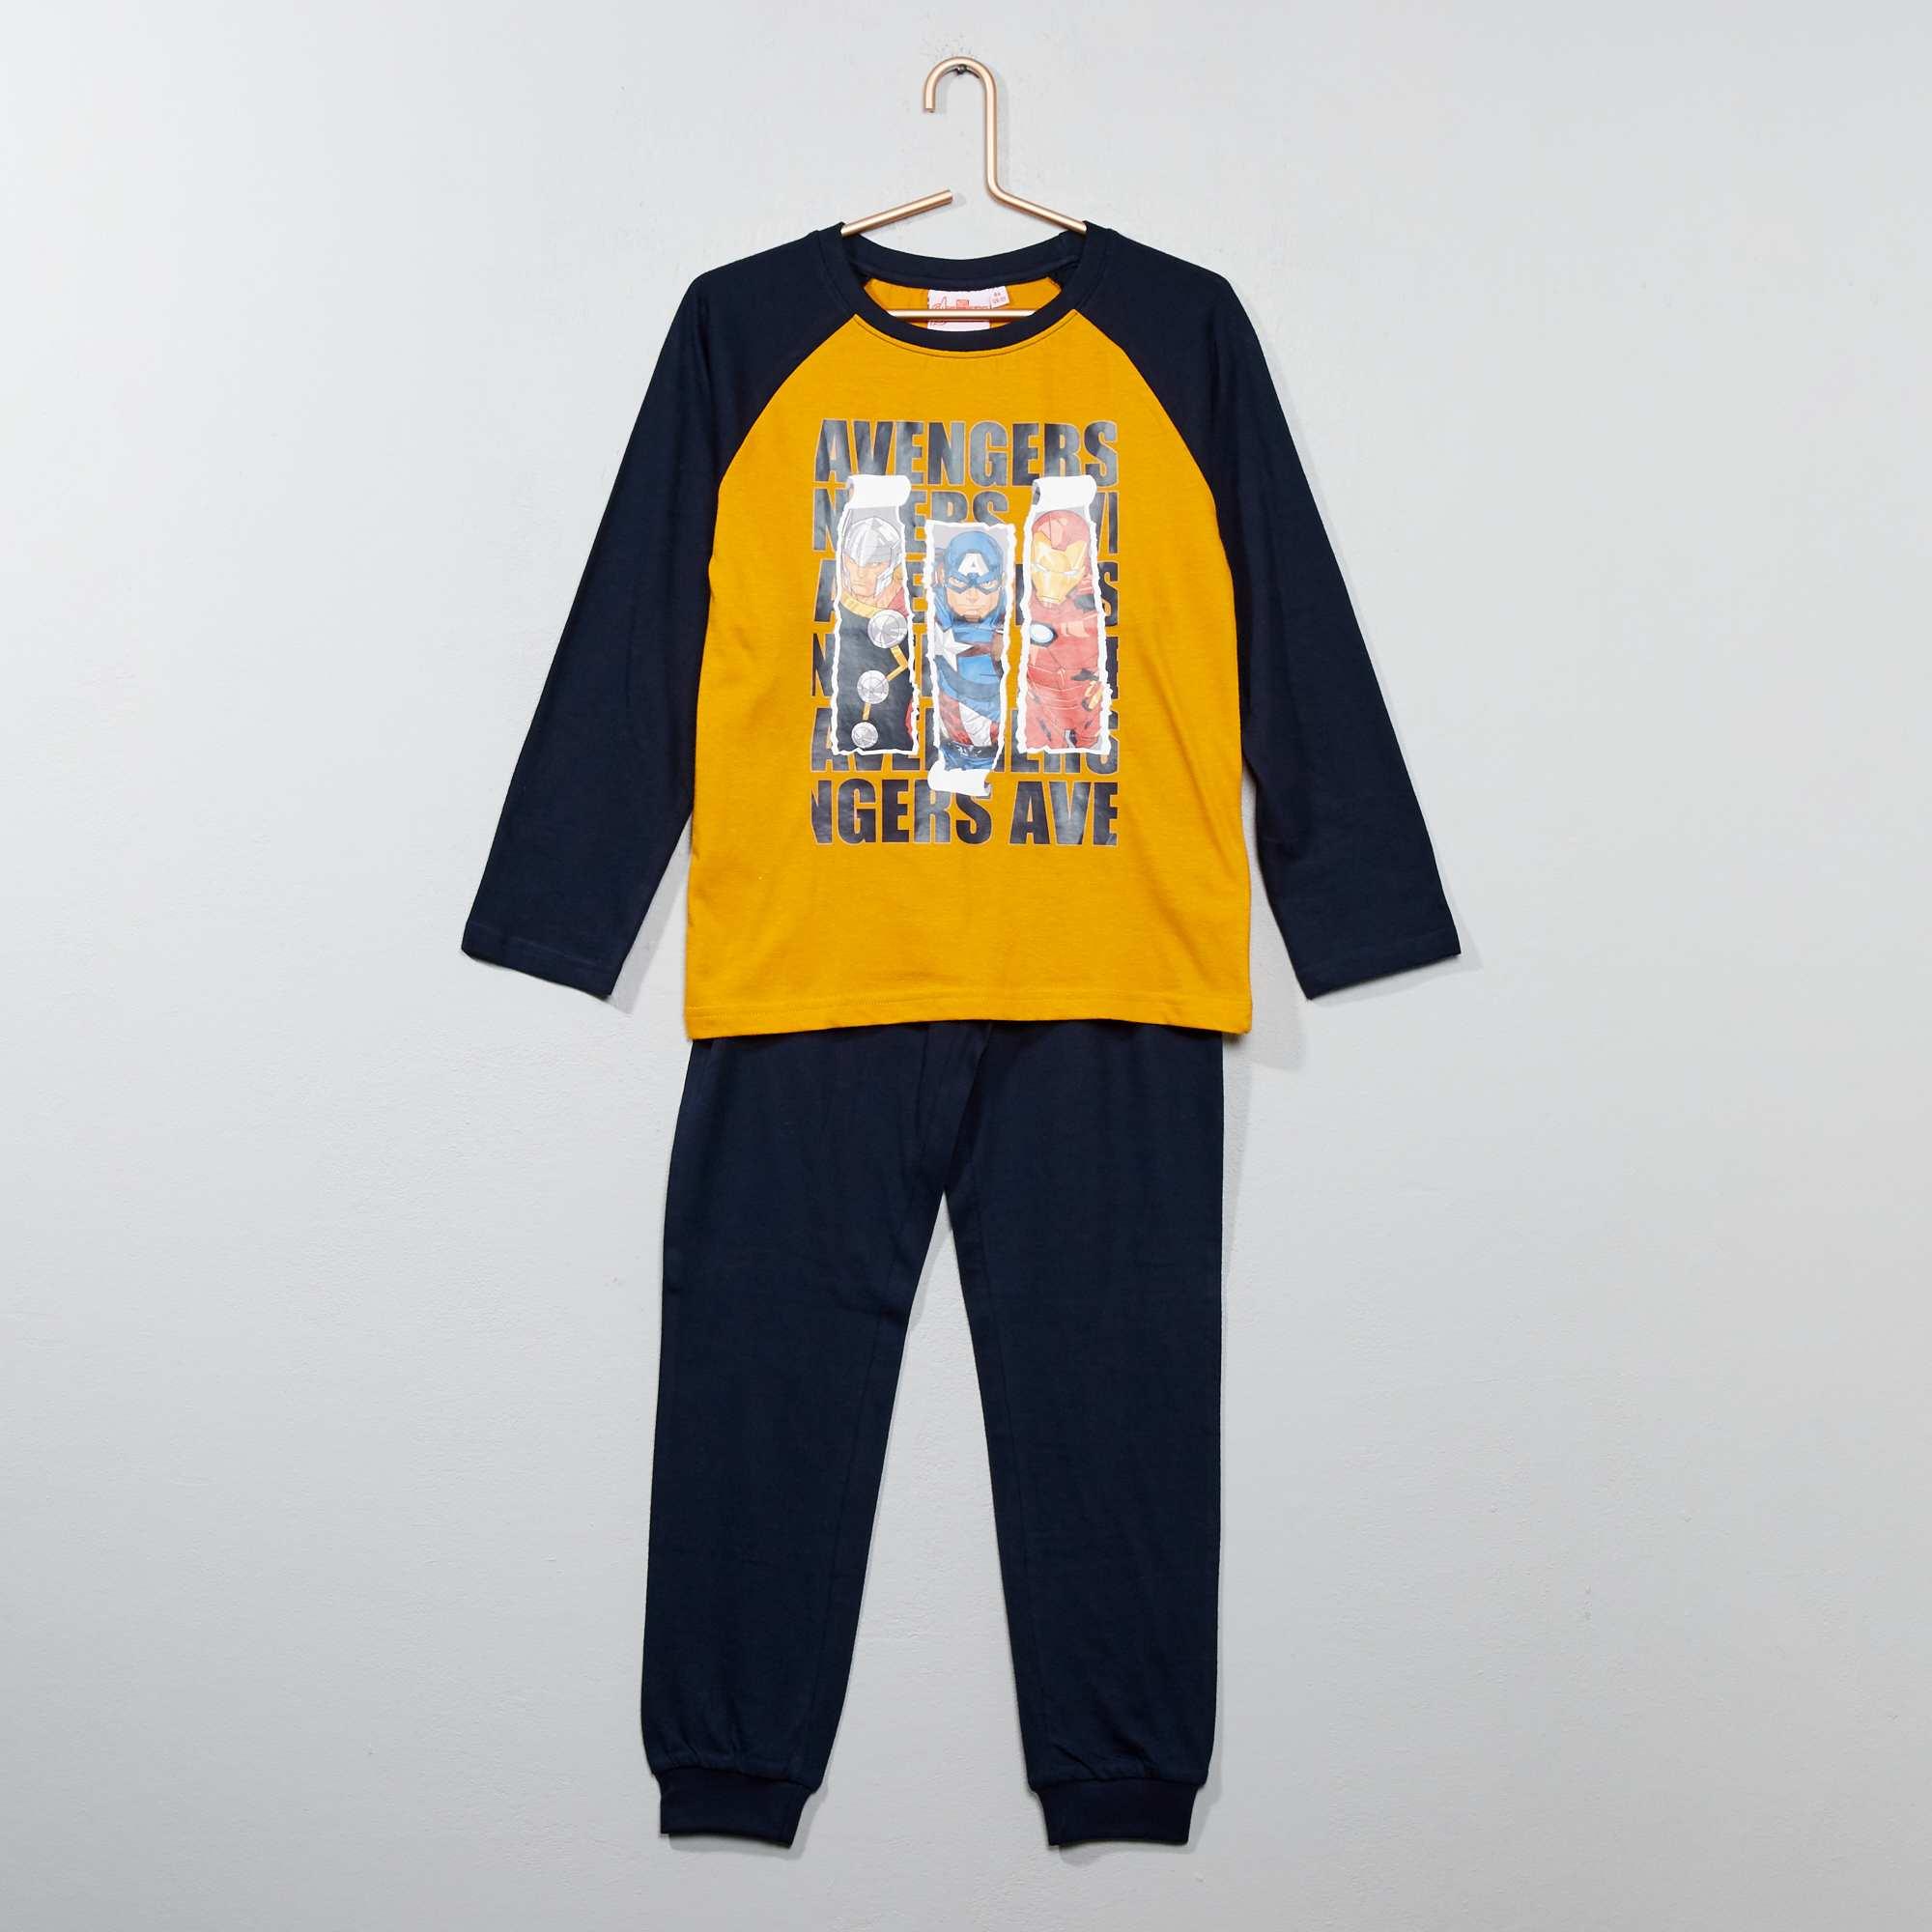 Couleur : jaune, , ,, - Taille : 12A, 3A, 5A,6A,10AUn super pyjama avec tes héros préférés ! - Pyjama long en jersey 'Avengers' de